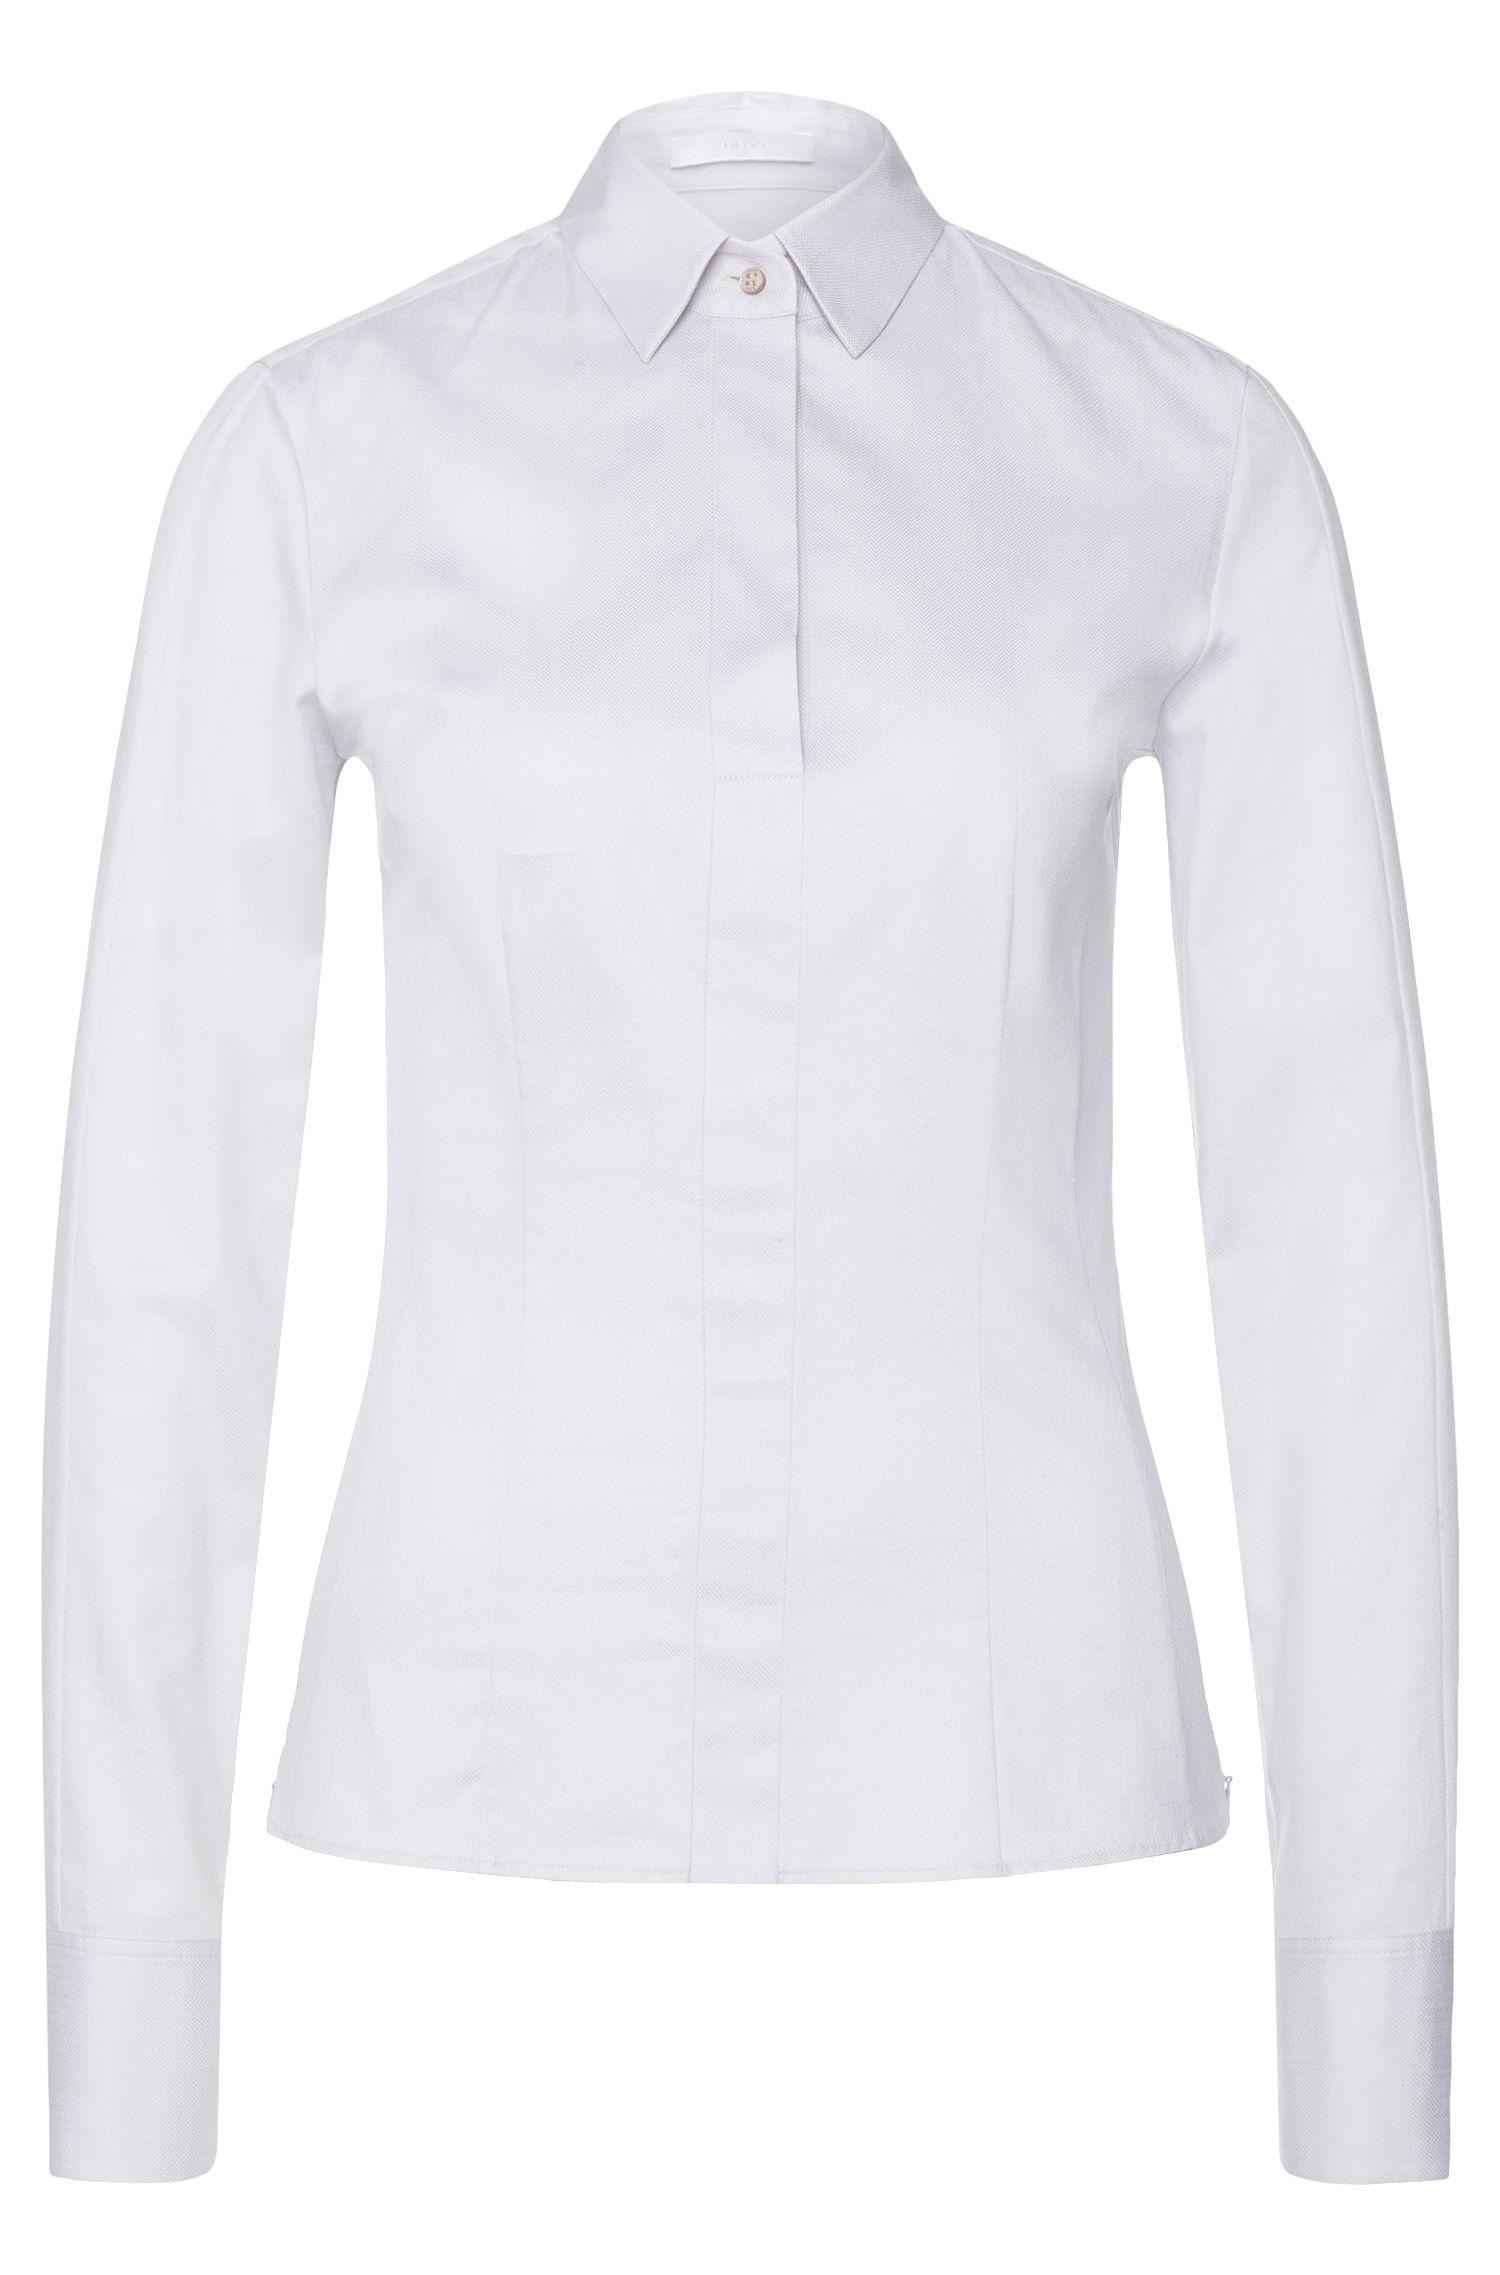 Bluse aus Stretch-Baumwolle mit seitlichen Reißverschlüssen: 'Bashina6'